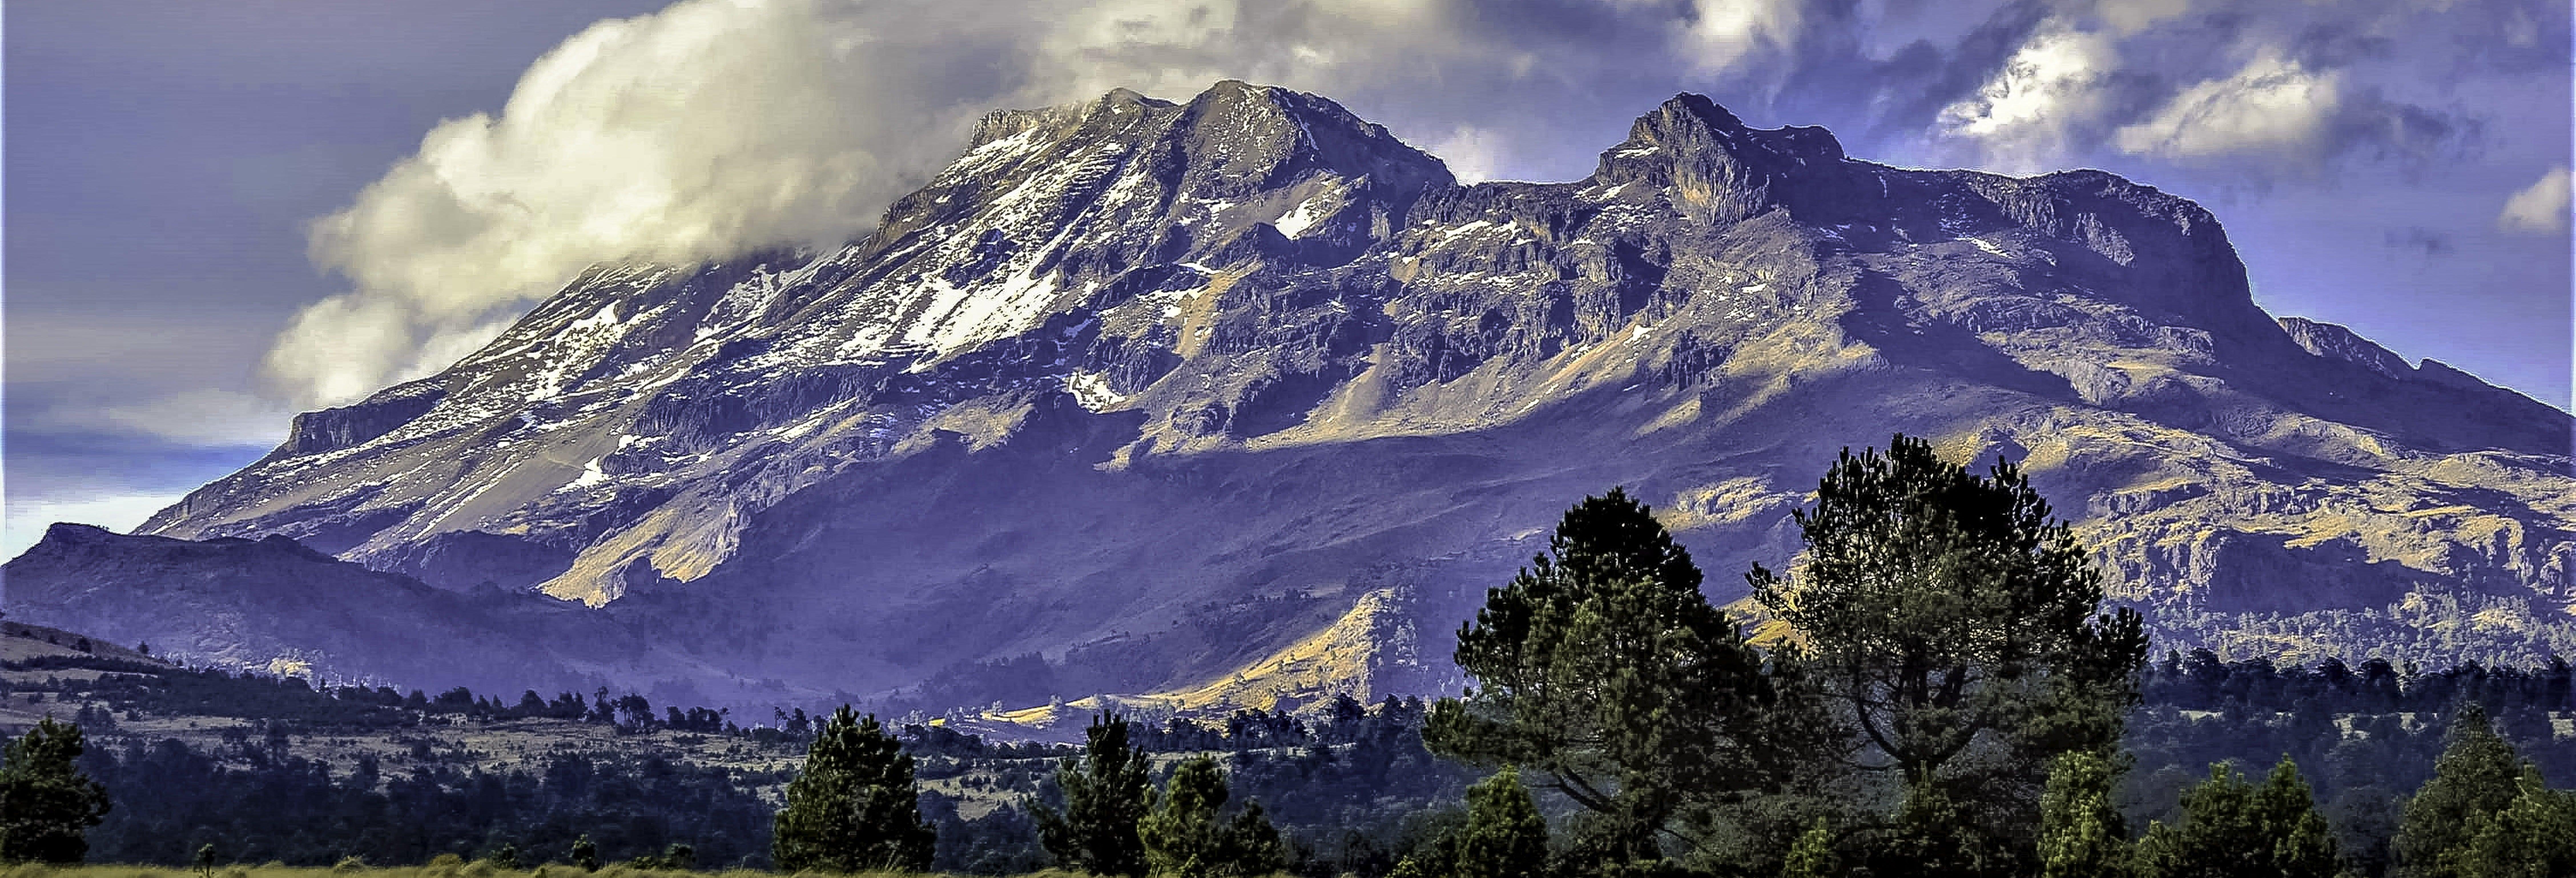 Excursão aos vulcões Popocatépetl e Iztaccíhuatl